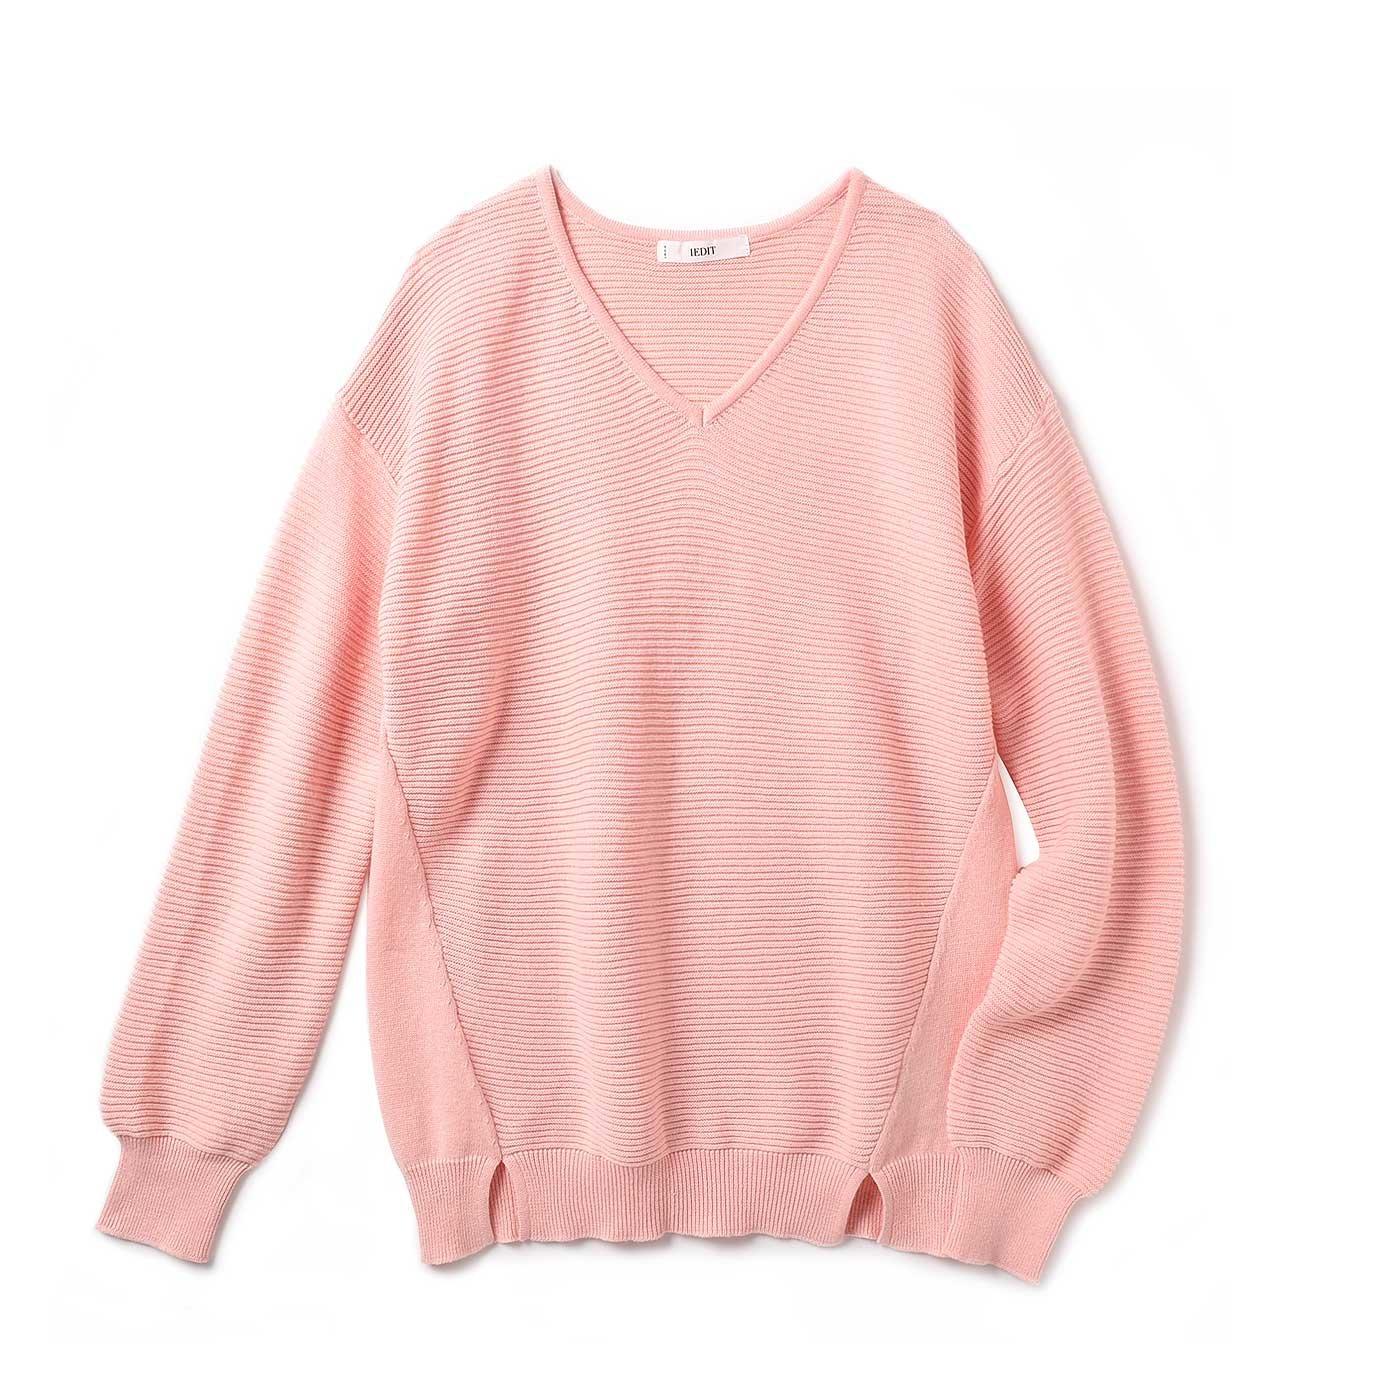 IEDIT 大人のピンクを楽しむ着やせもかなう 洗練コットンニットトップス〈シェルピンク〉